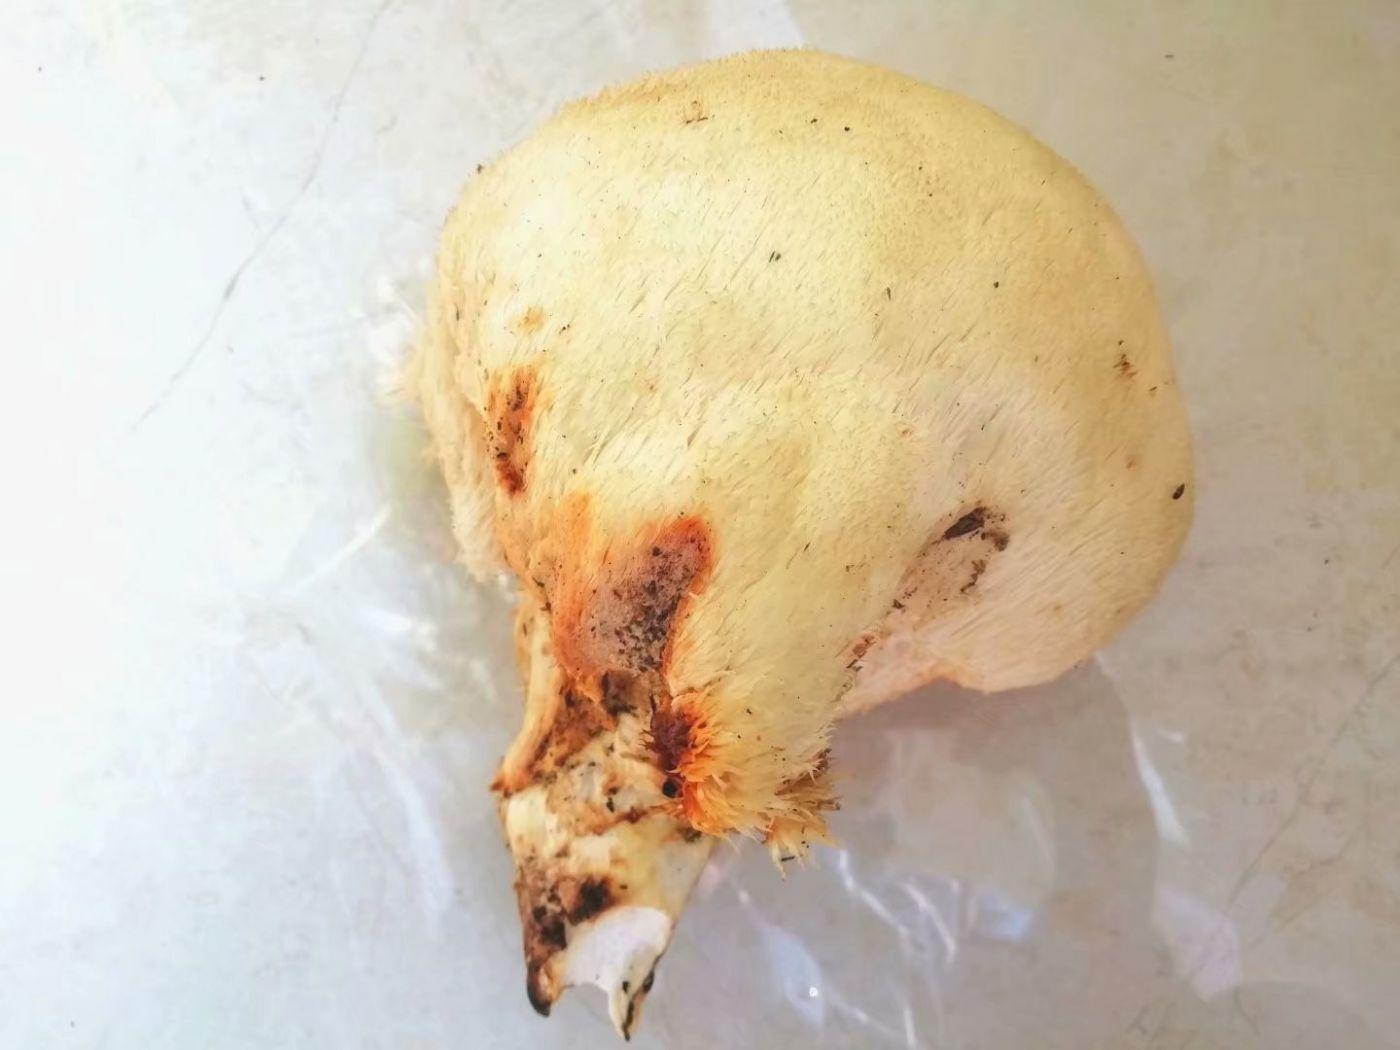 偶遇猴头菇,纯野生的(图)_图1-3